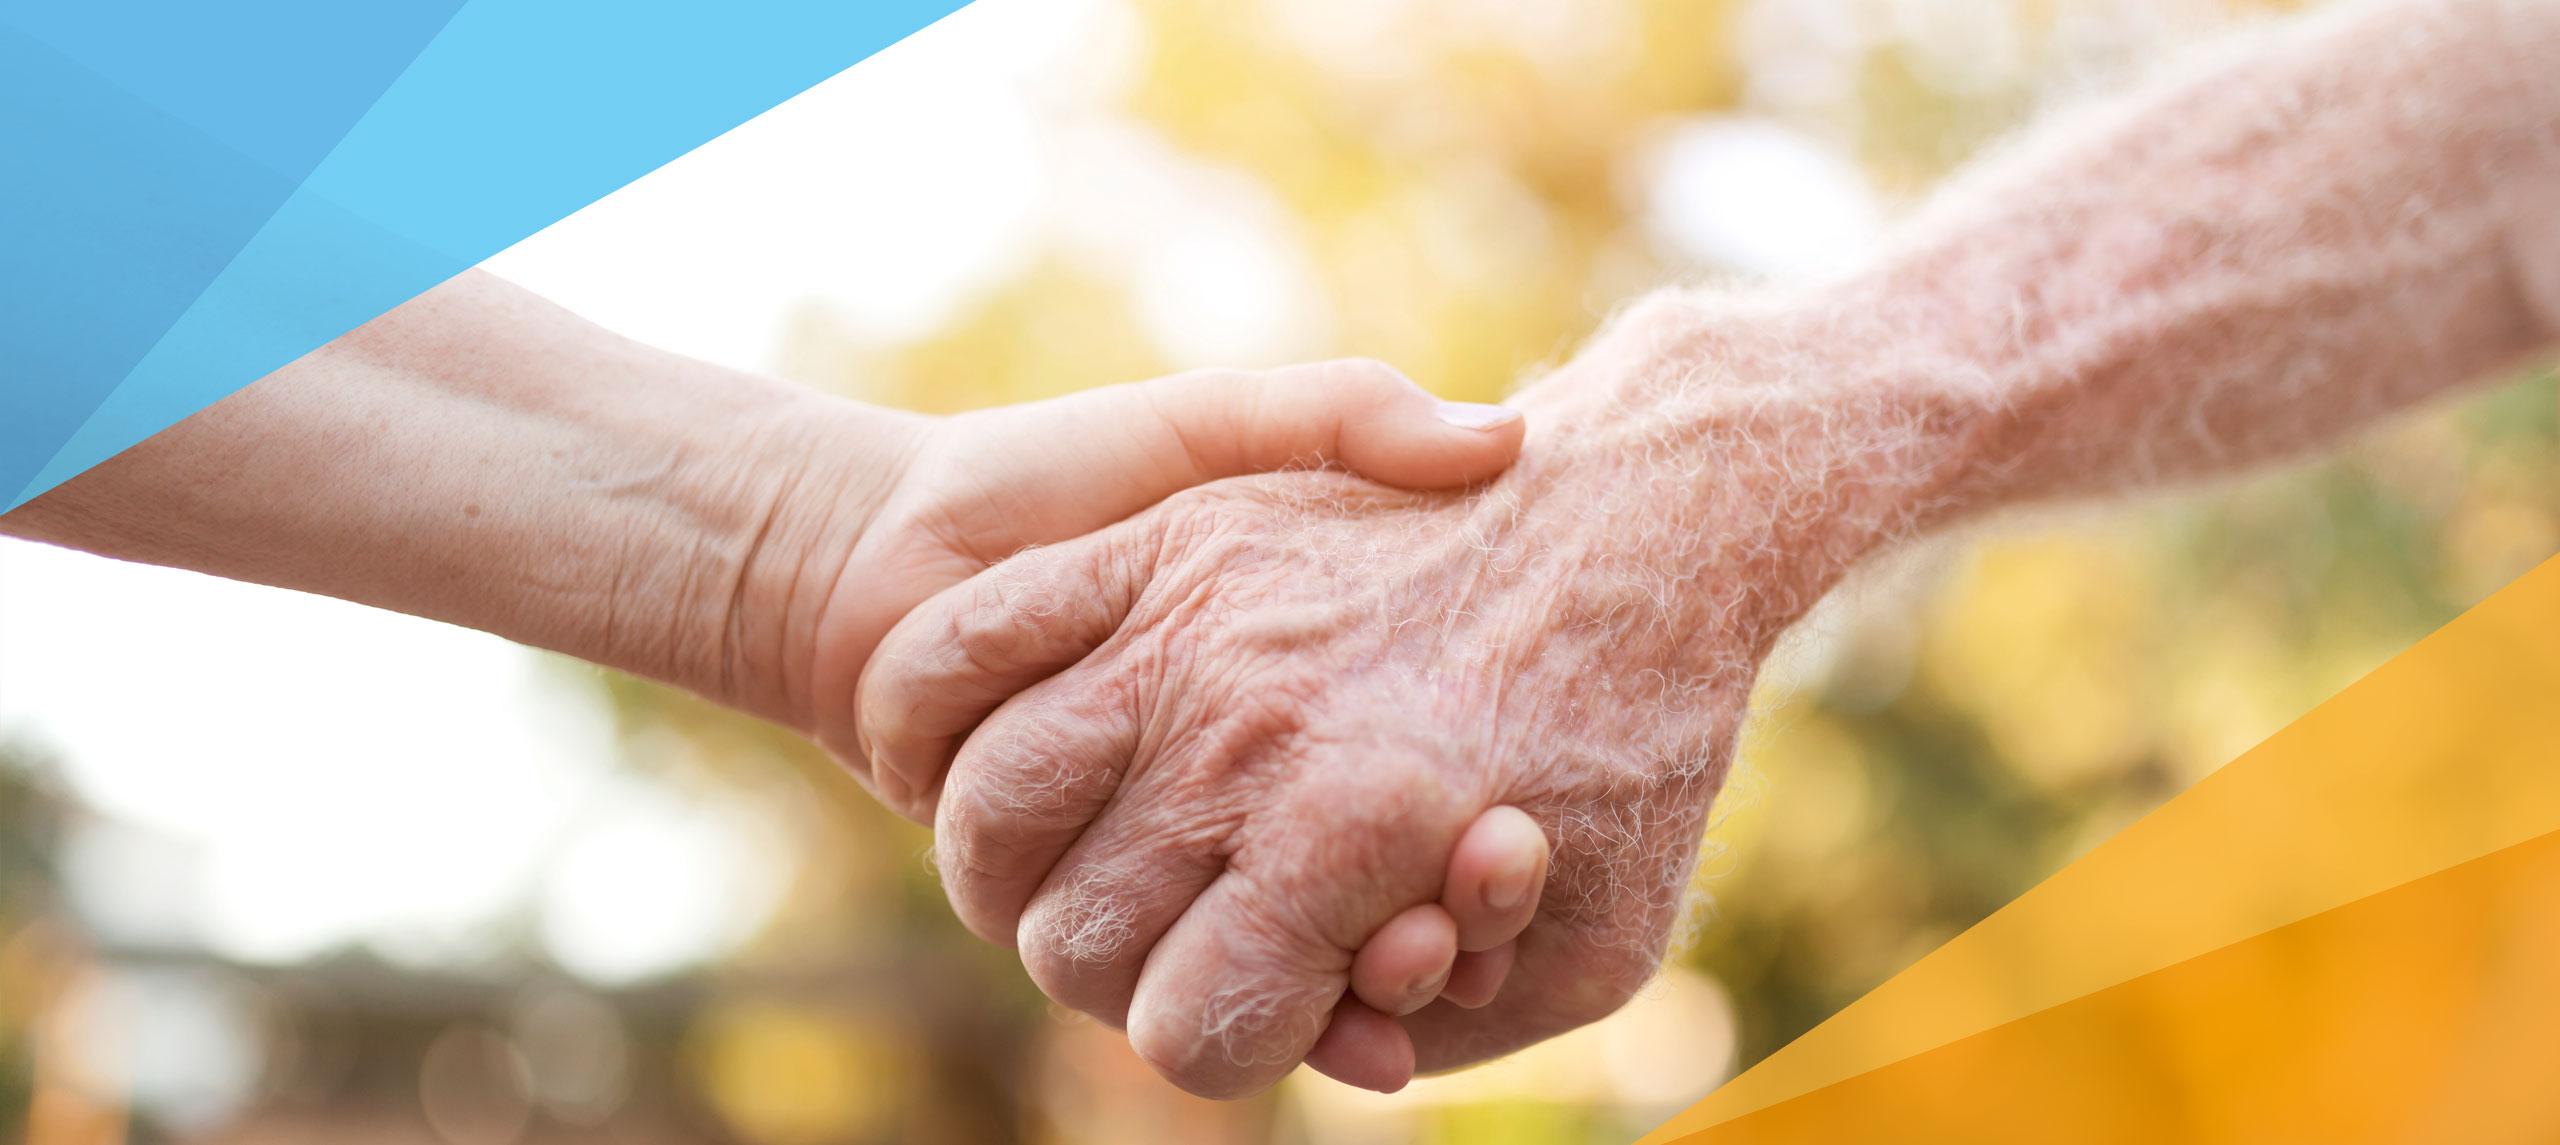 eine junge Hand hält eine ältere Hand